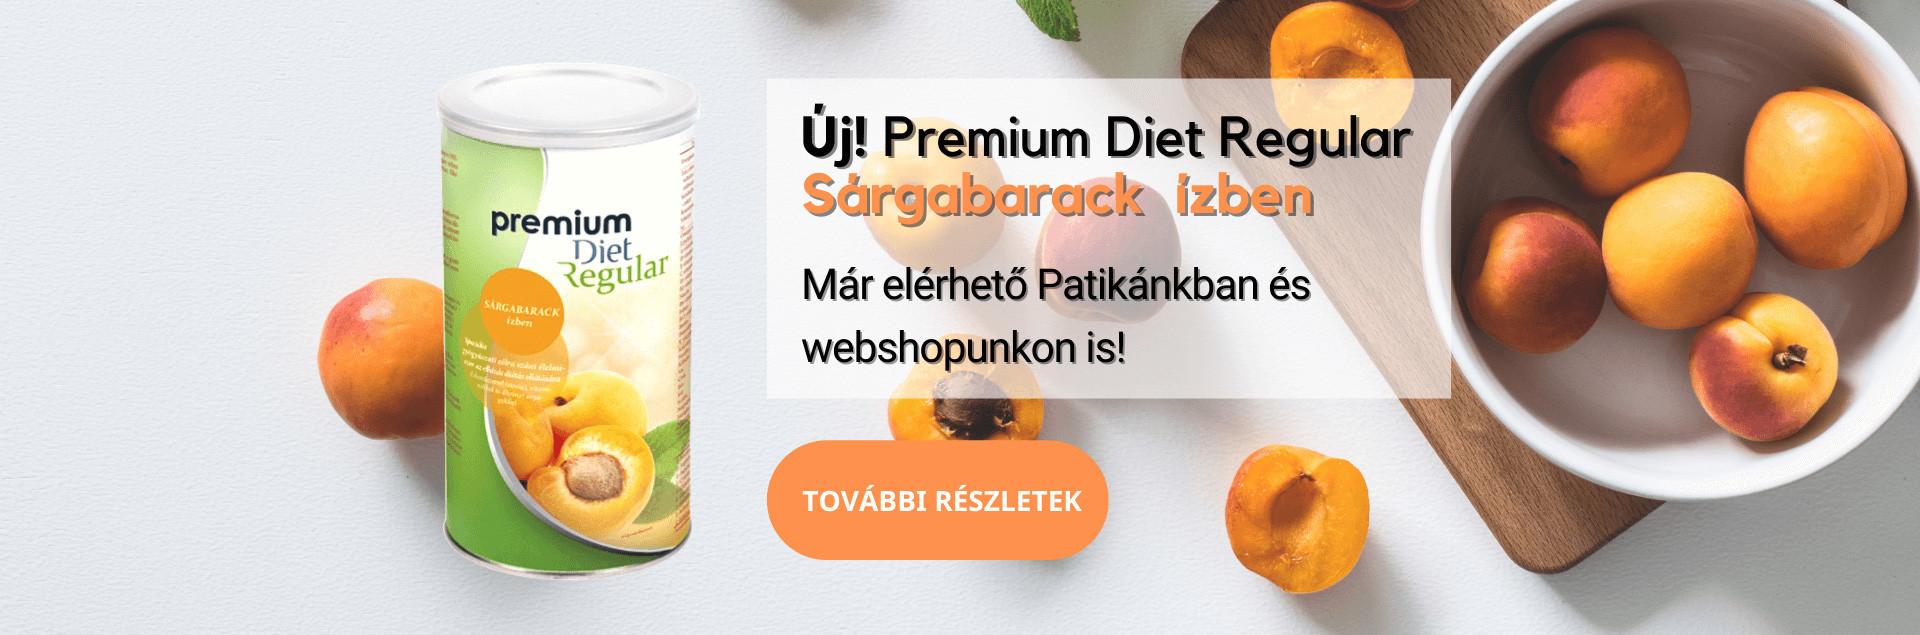 PREMIUM DIET REGULAR - SÁRGABARACK ÍZŰ (440 G/25 ADAG)